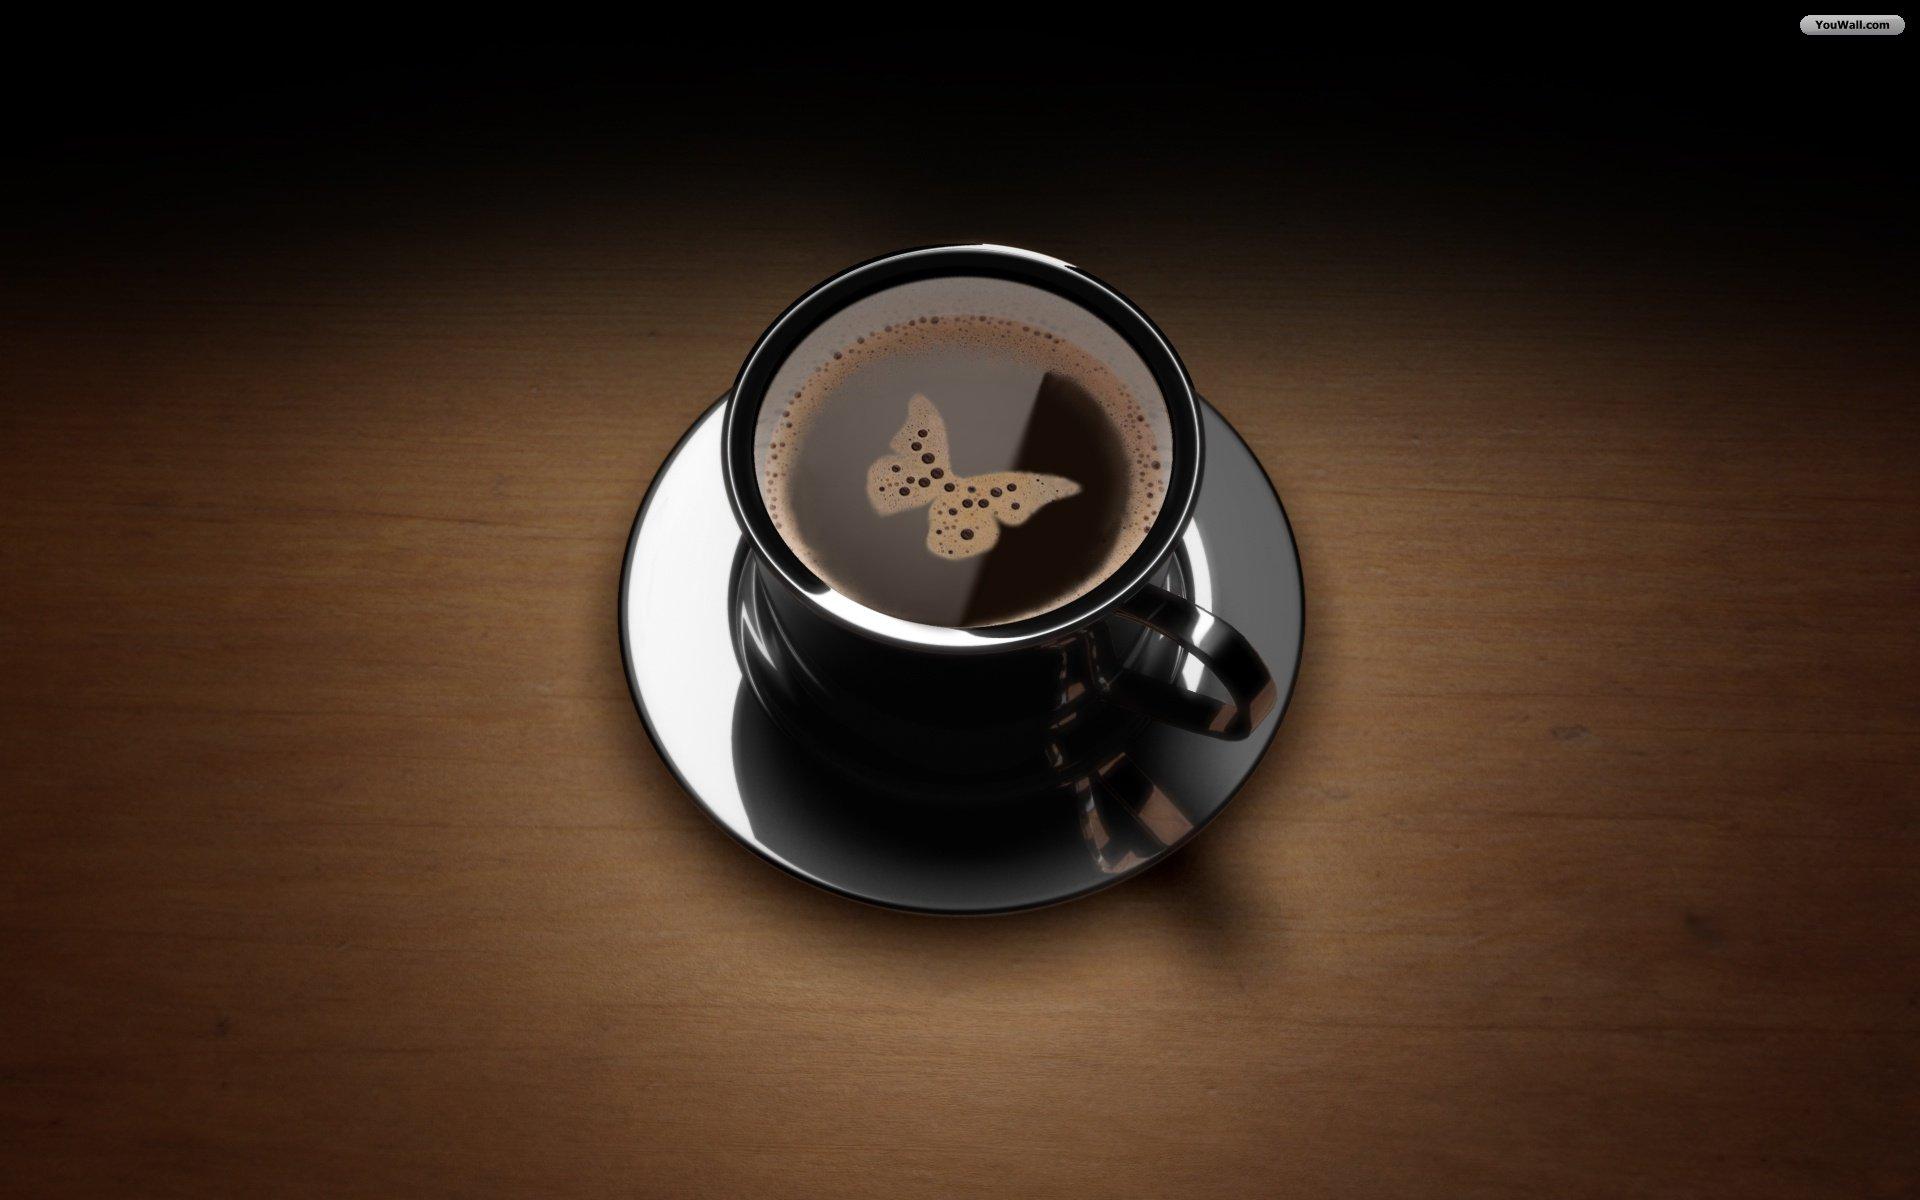 butterfly_on_coffee_wallpaper_e472d